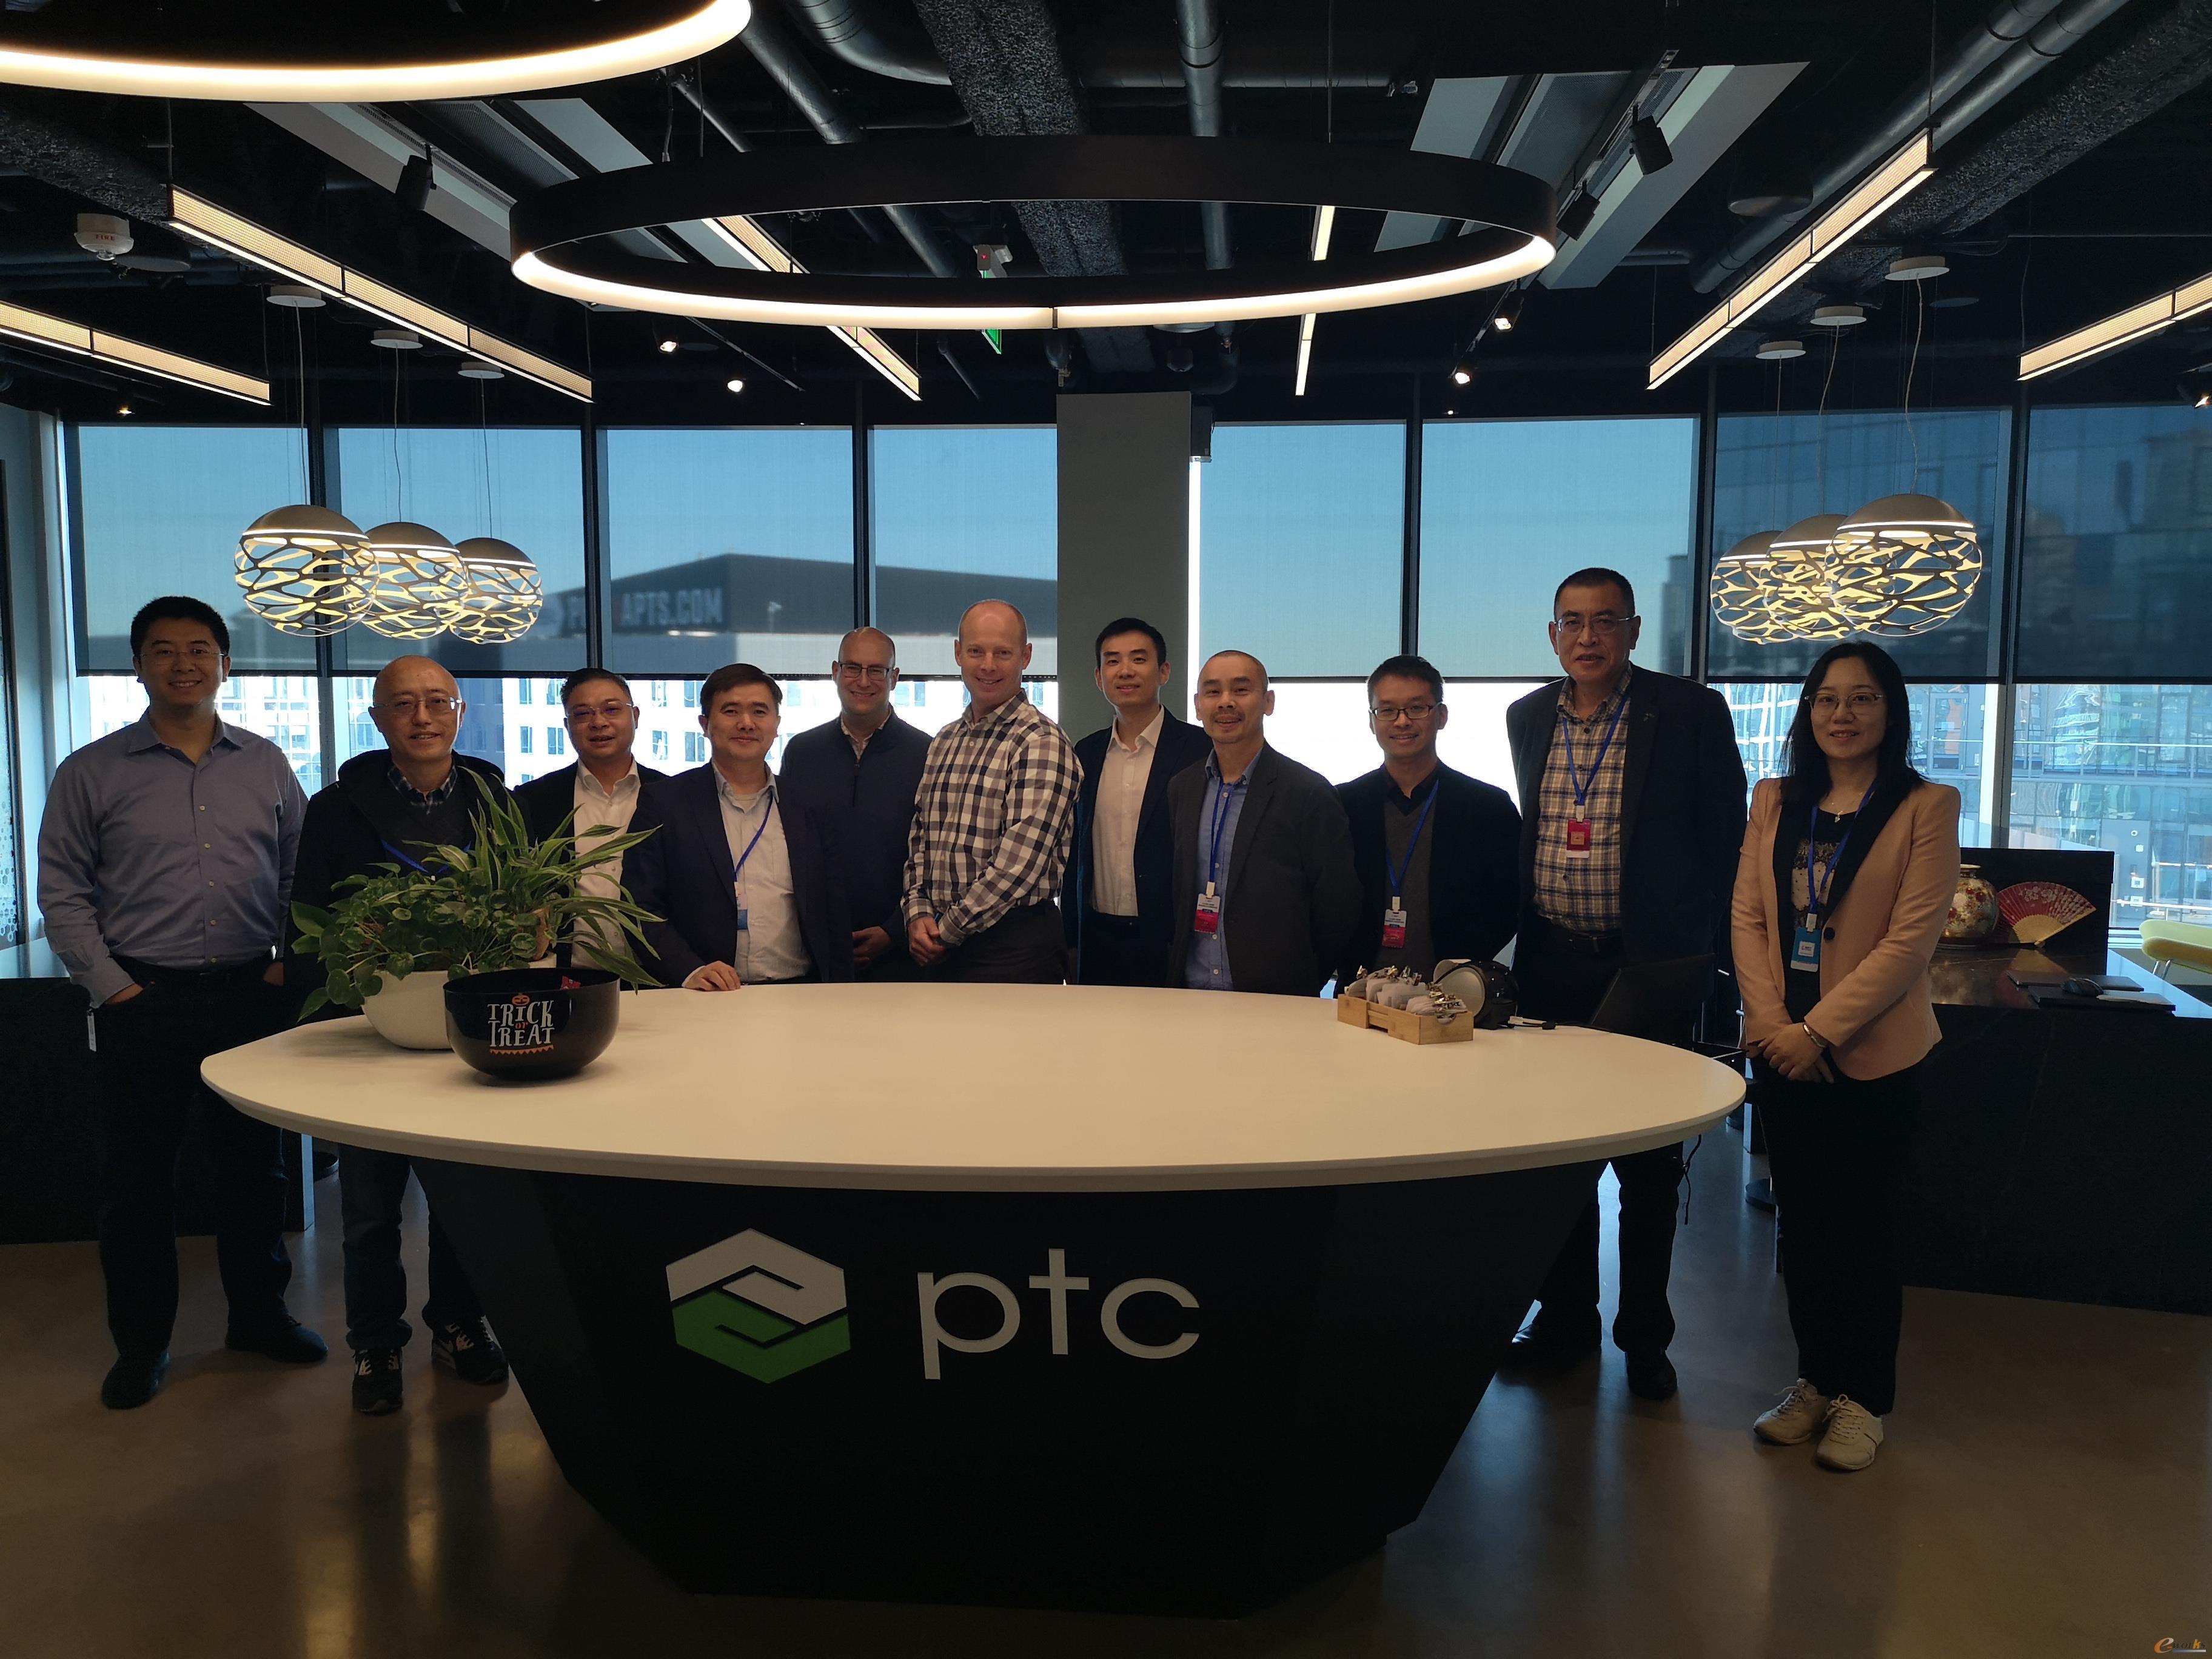 考察团成员在PTC公司合影